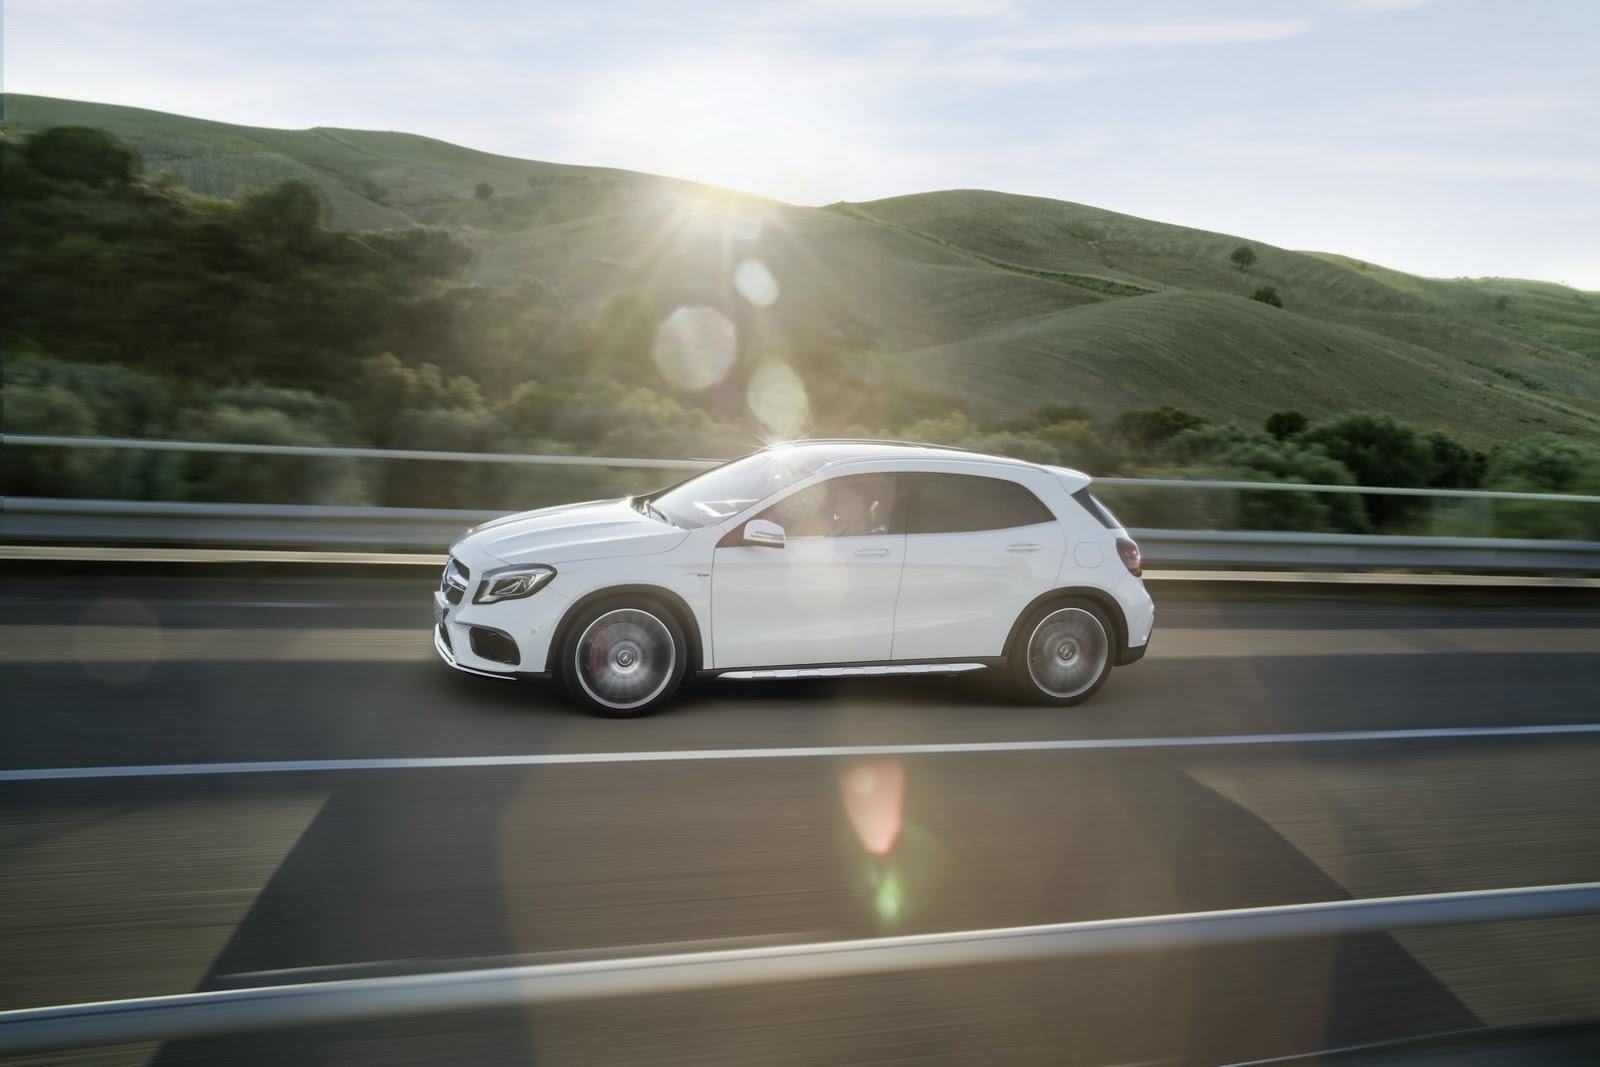 Mercedes GLA facelift and GLA 45 AMG facelift 2017 (2)